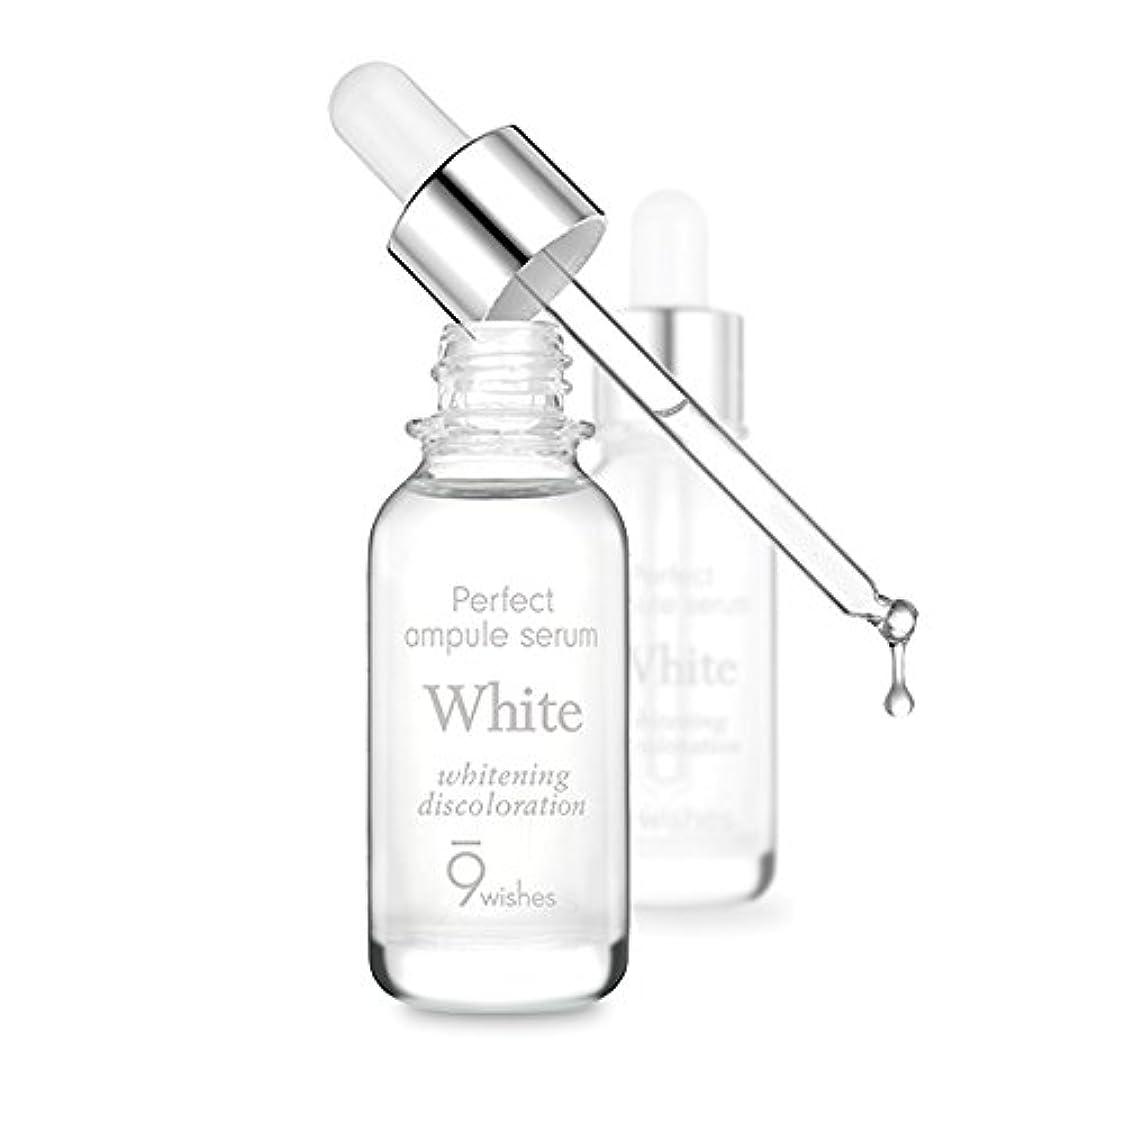 遮る好きフォーマット9WISHES(ナインウィッシュス) パーフェクト アンプル セラム/Perfect Ample Serum (#ホワイト(White)) [並行輸入品]